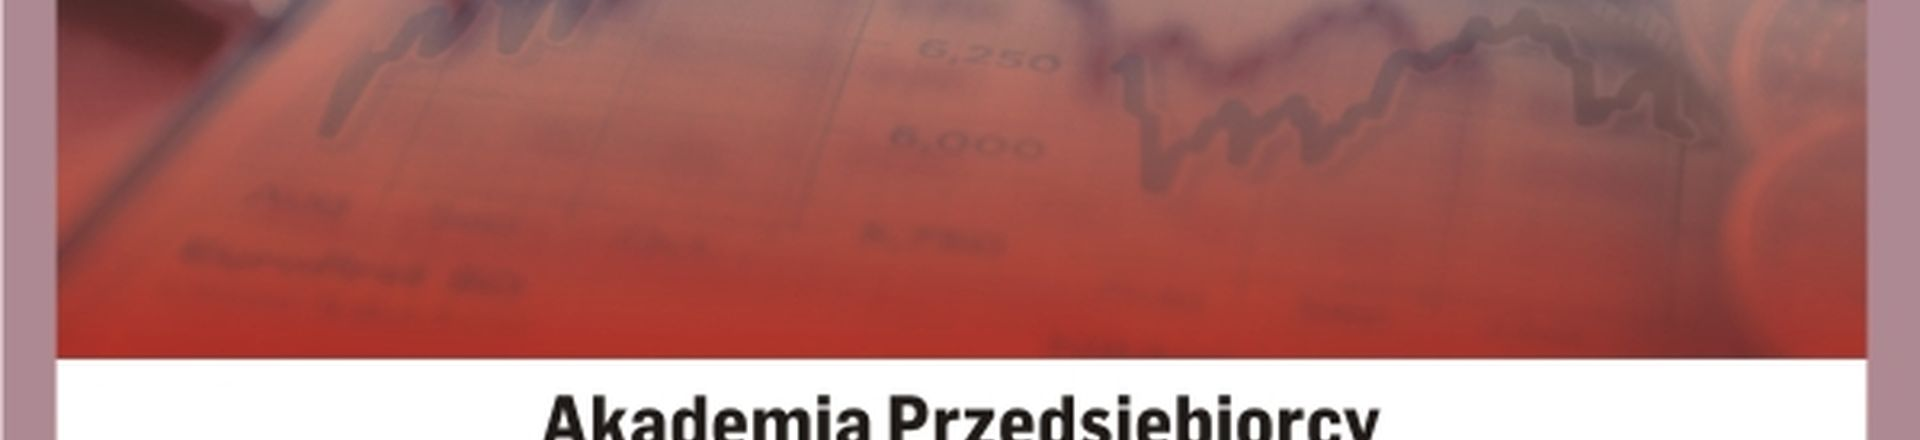 Cykl Akademia Przedsiębiorcy: Kapitał i bezpieczeństwo Twojej firmy - Szczecin